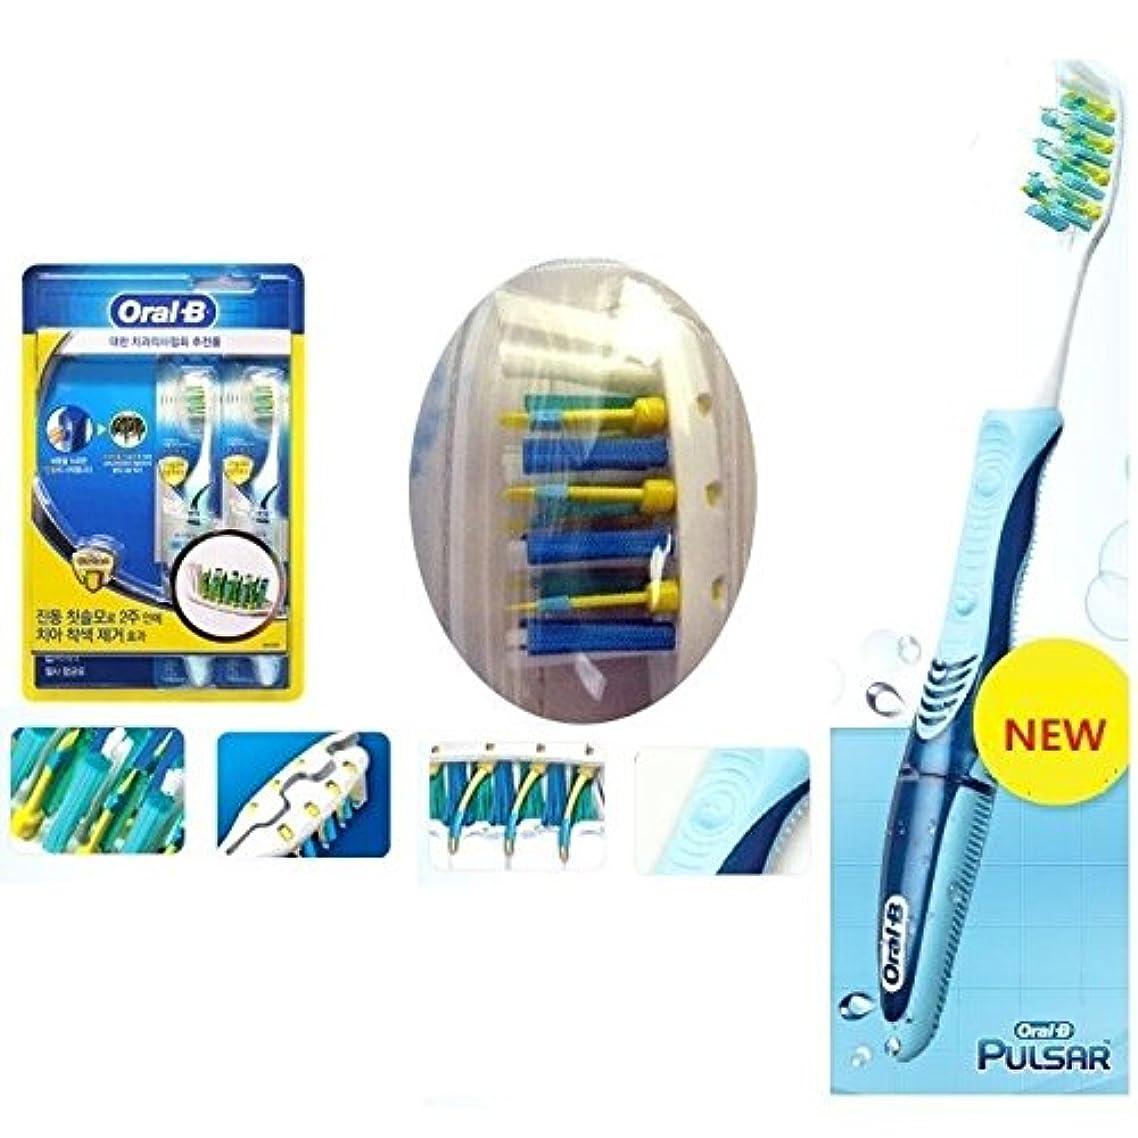 ユーモラスチャンストランクライブラリBraun Oral-B 2枚組パルサー歯ブラシミディアム35ソフトブラウン 35S 2枚組 [並行輸入品]